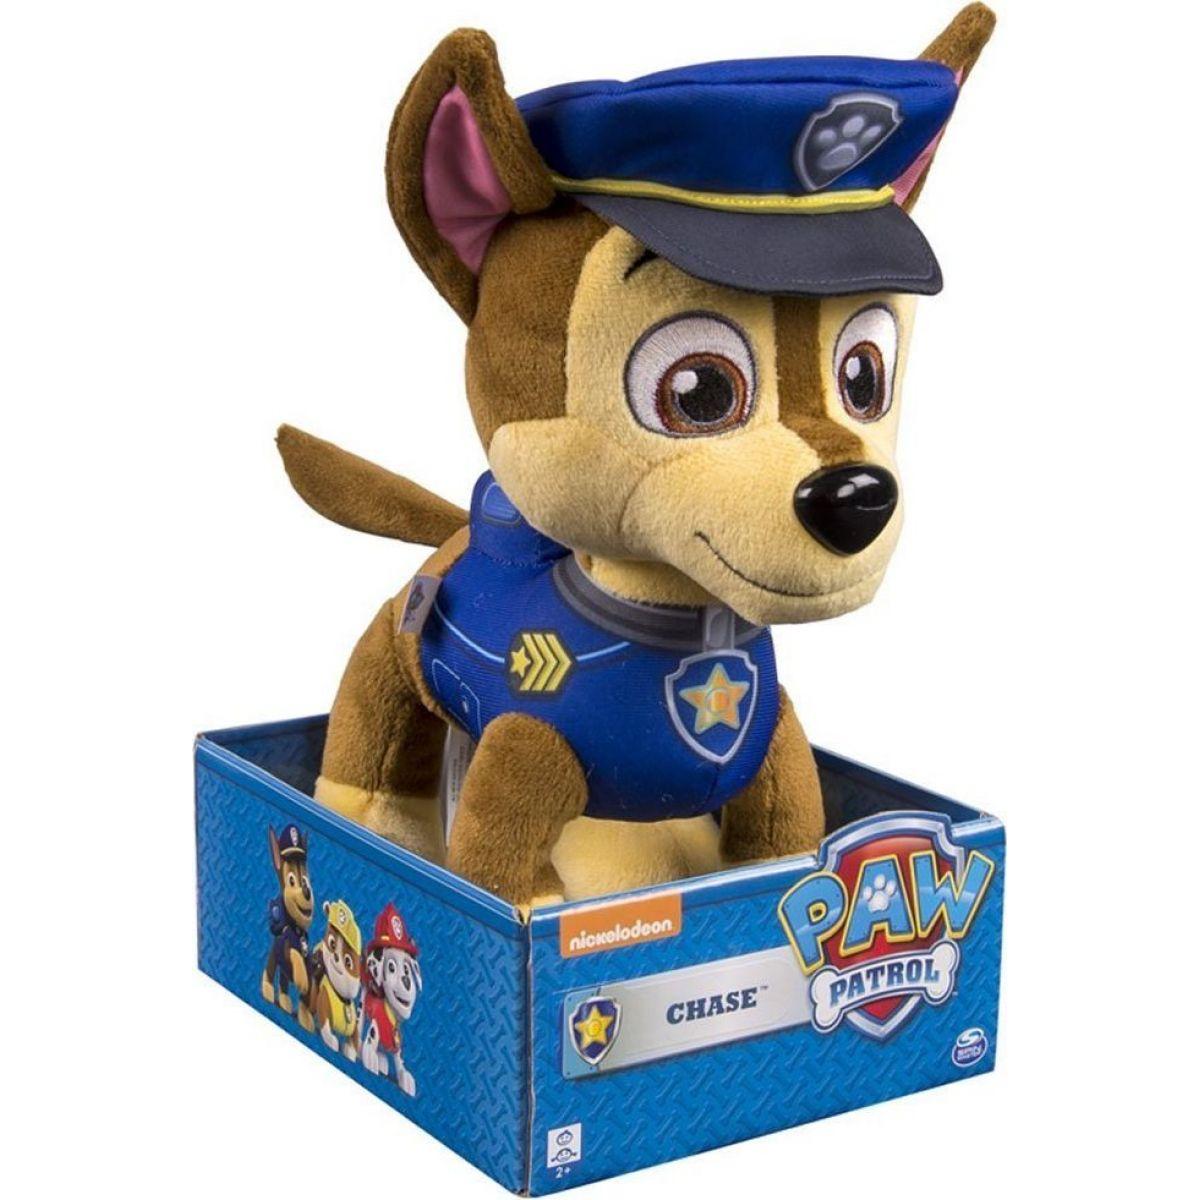 Spin Master Paw Patrol pejsek v krabičce Chase